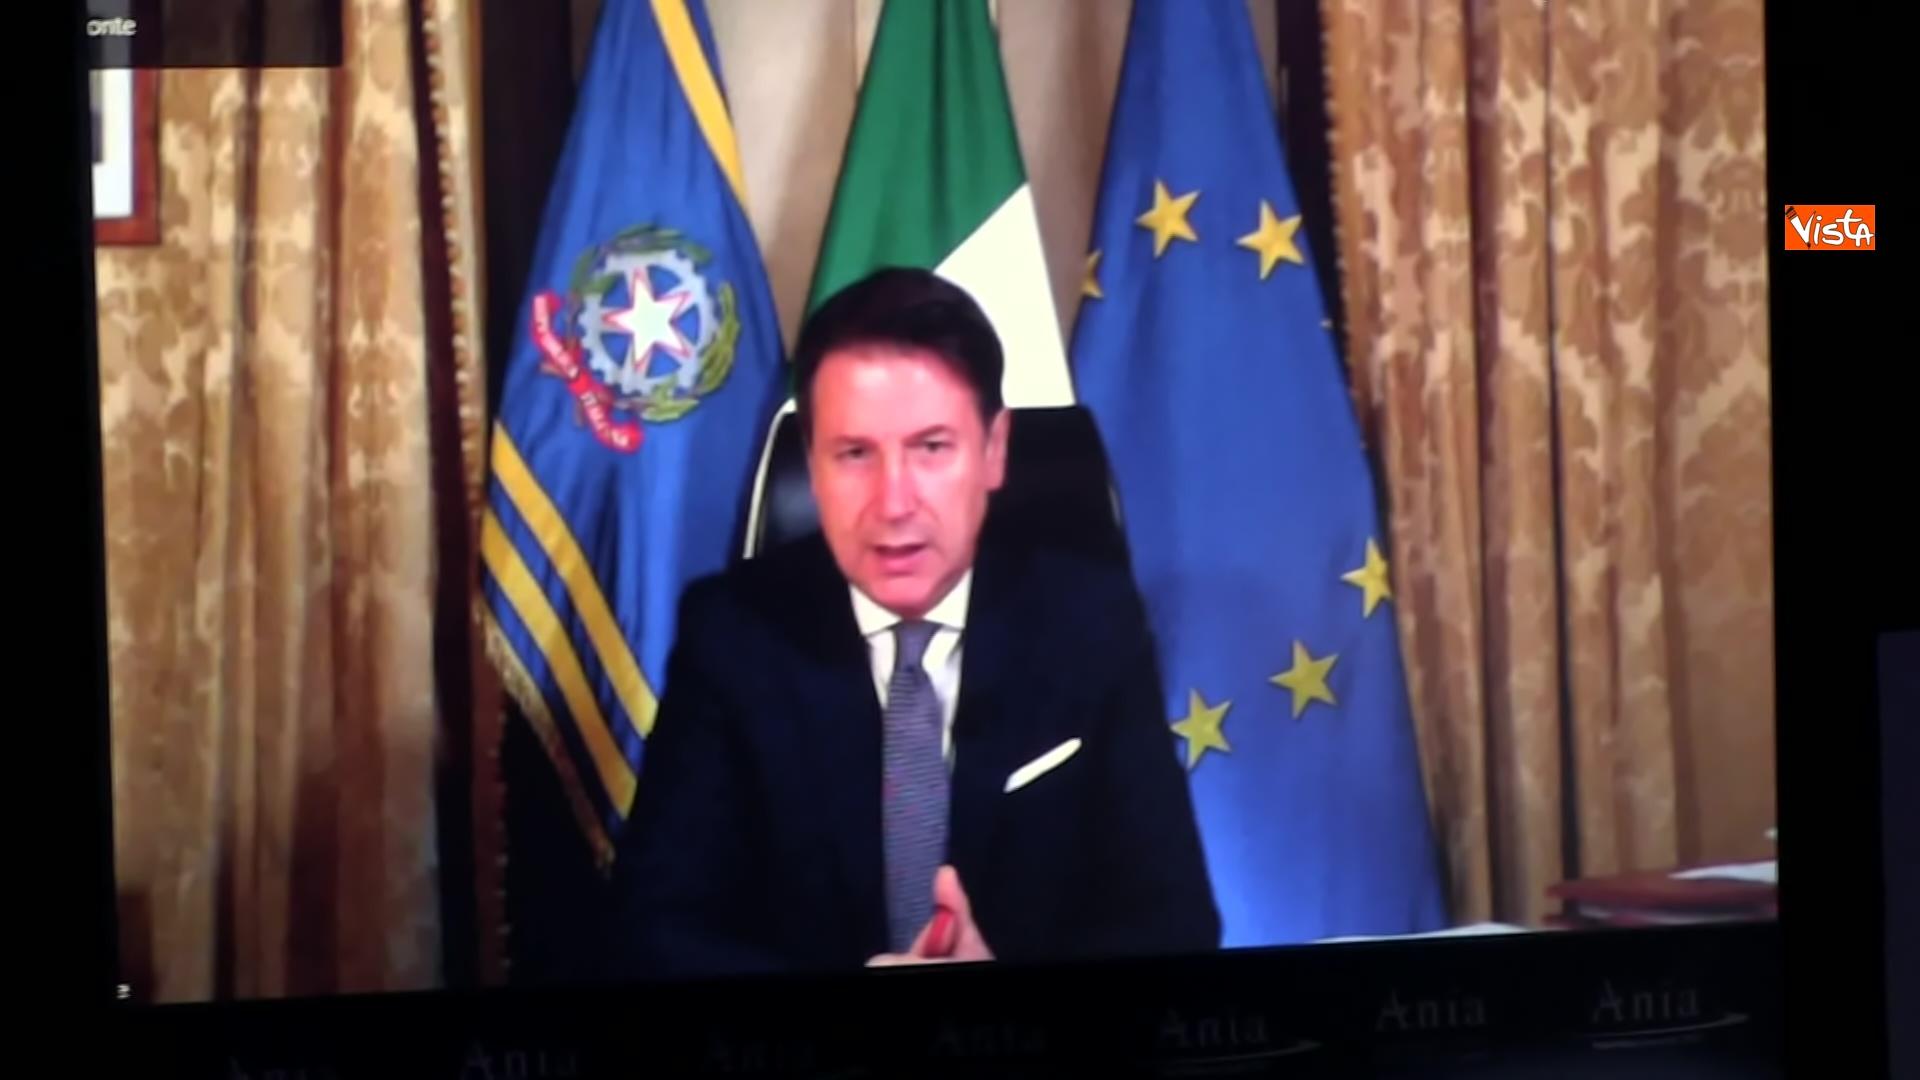 19-10-20 Ania l assemblea annuale 2020 con Conte e Patuanelli in video collegamento immagini_il presidente Conte_07